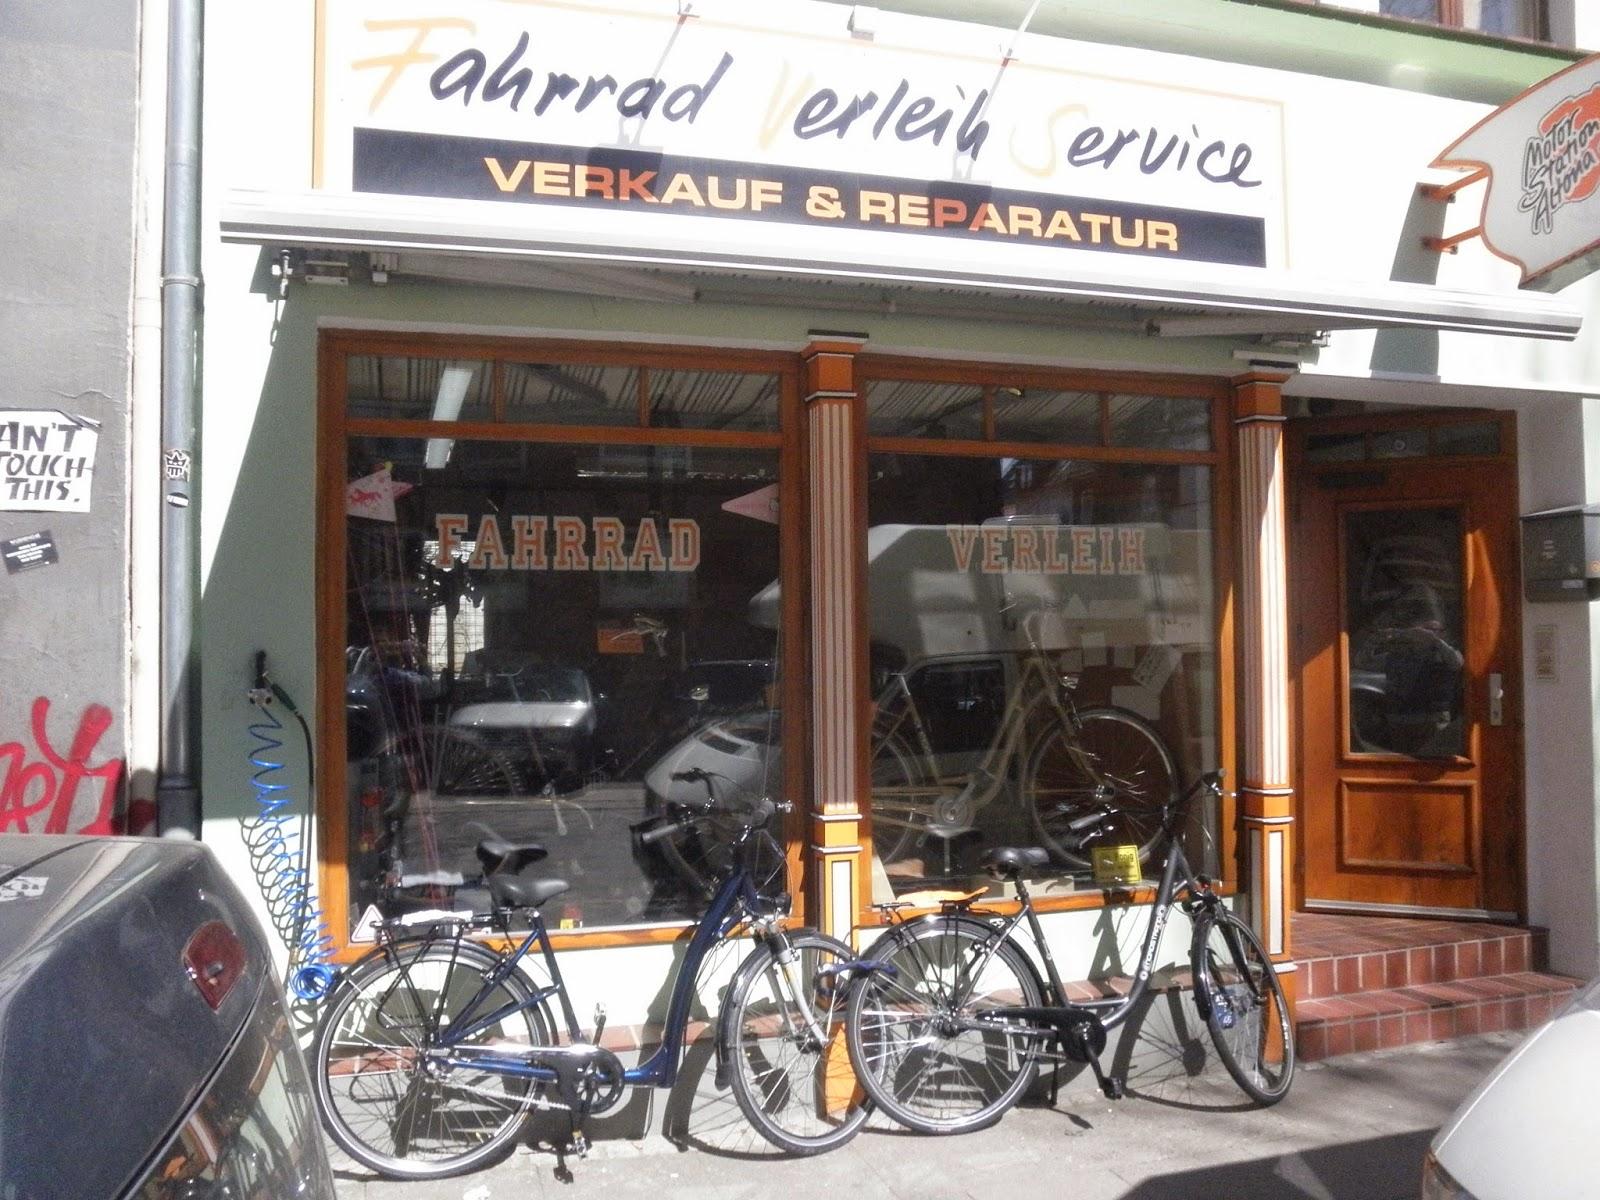 st pedali fahrradverleih in hamburg wo gibt es die besten angebote f r mietfahrr der. Black Bedroom Furniture Sets. Home Design Ideas